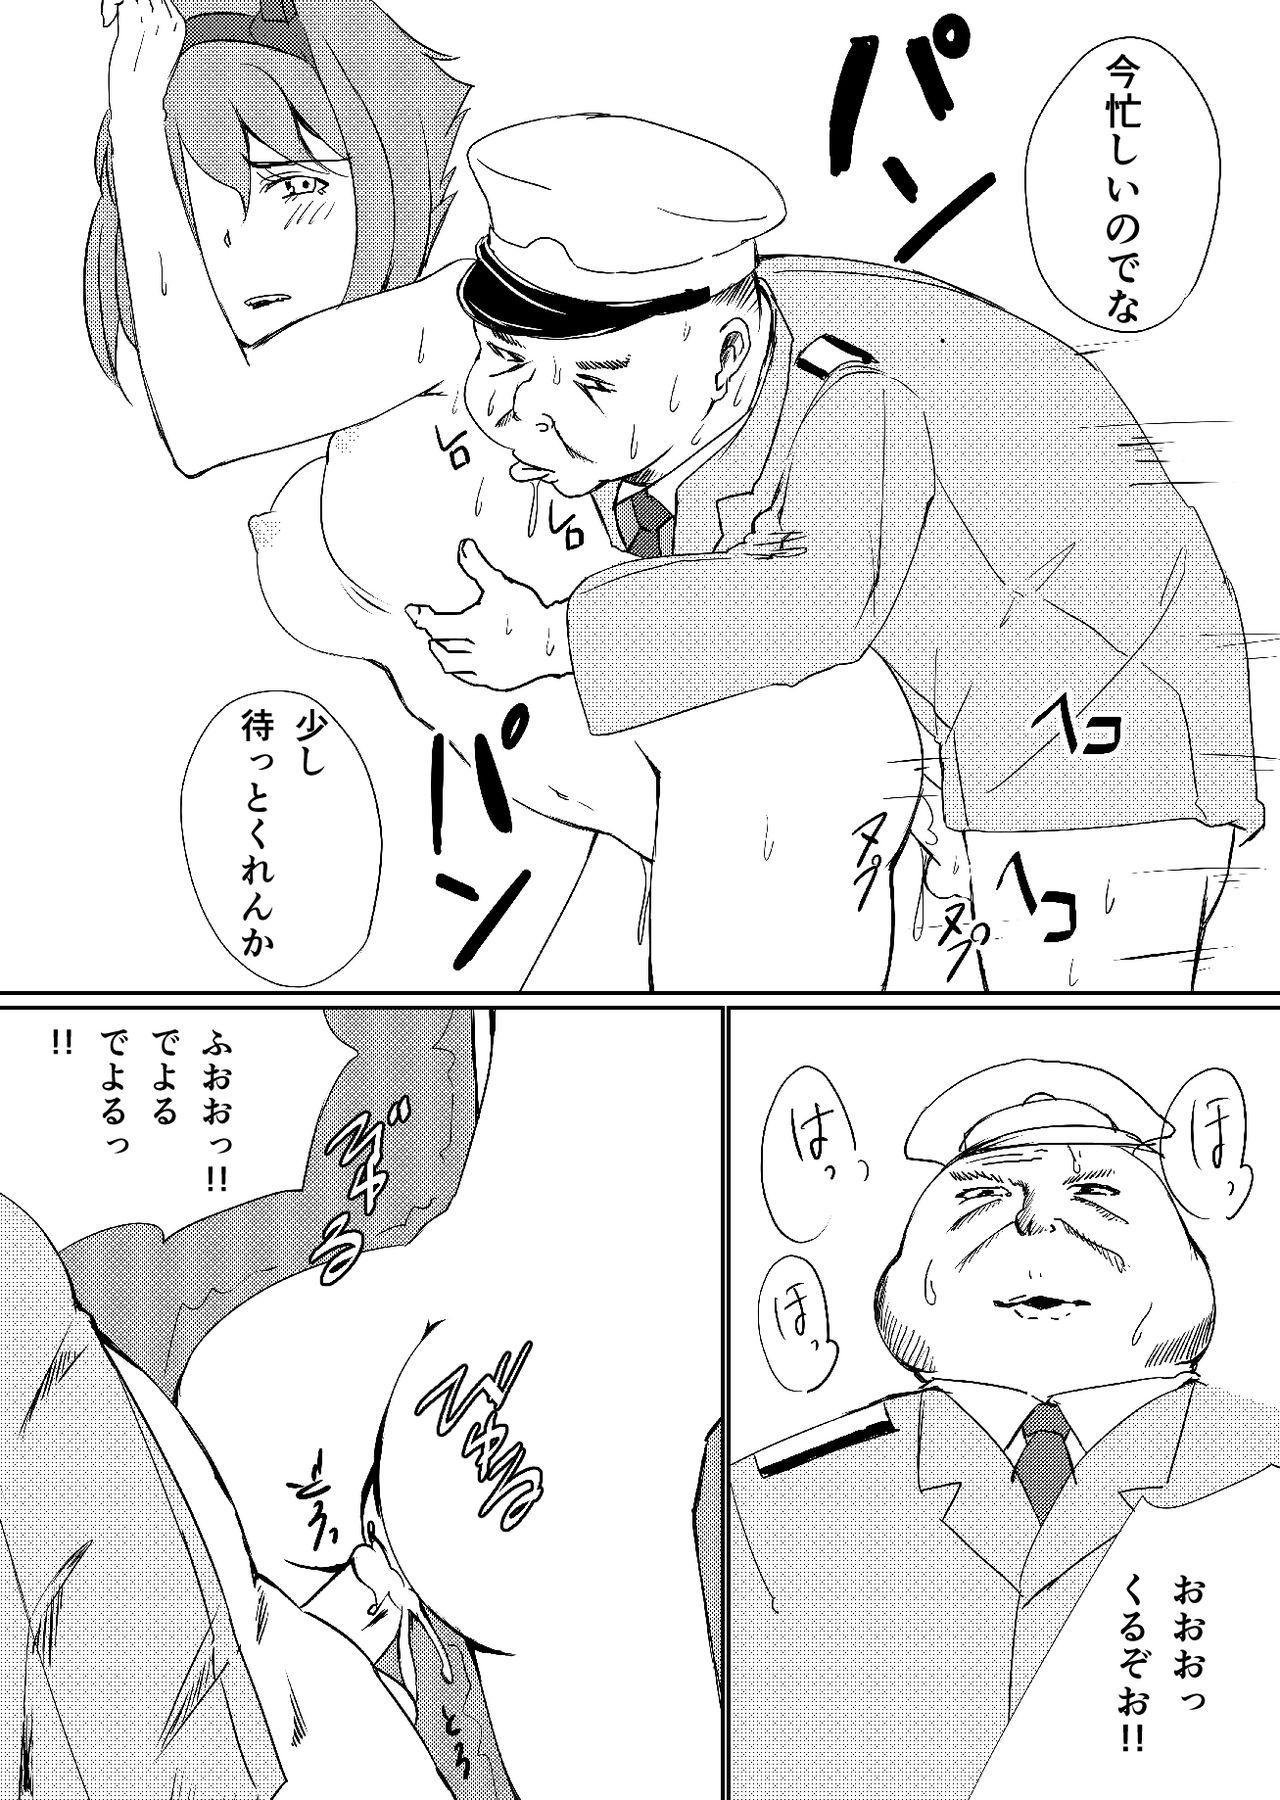 Utsubyou Teitoku no Tame no Mutsu 14